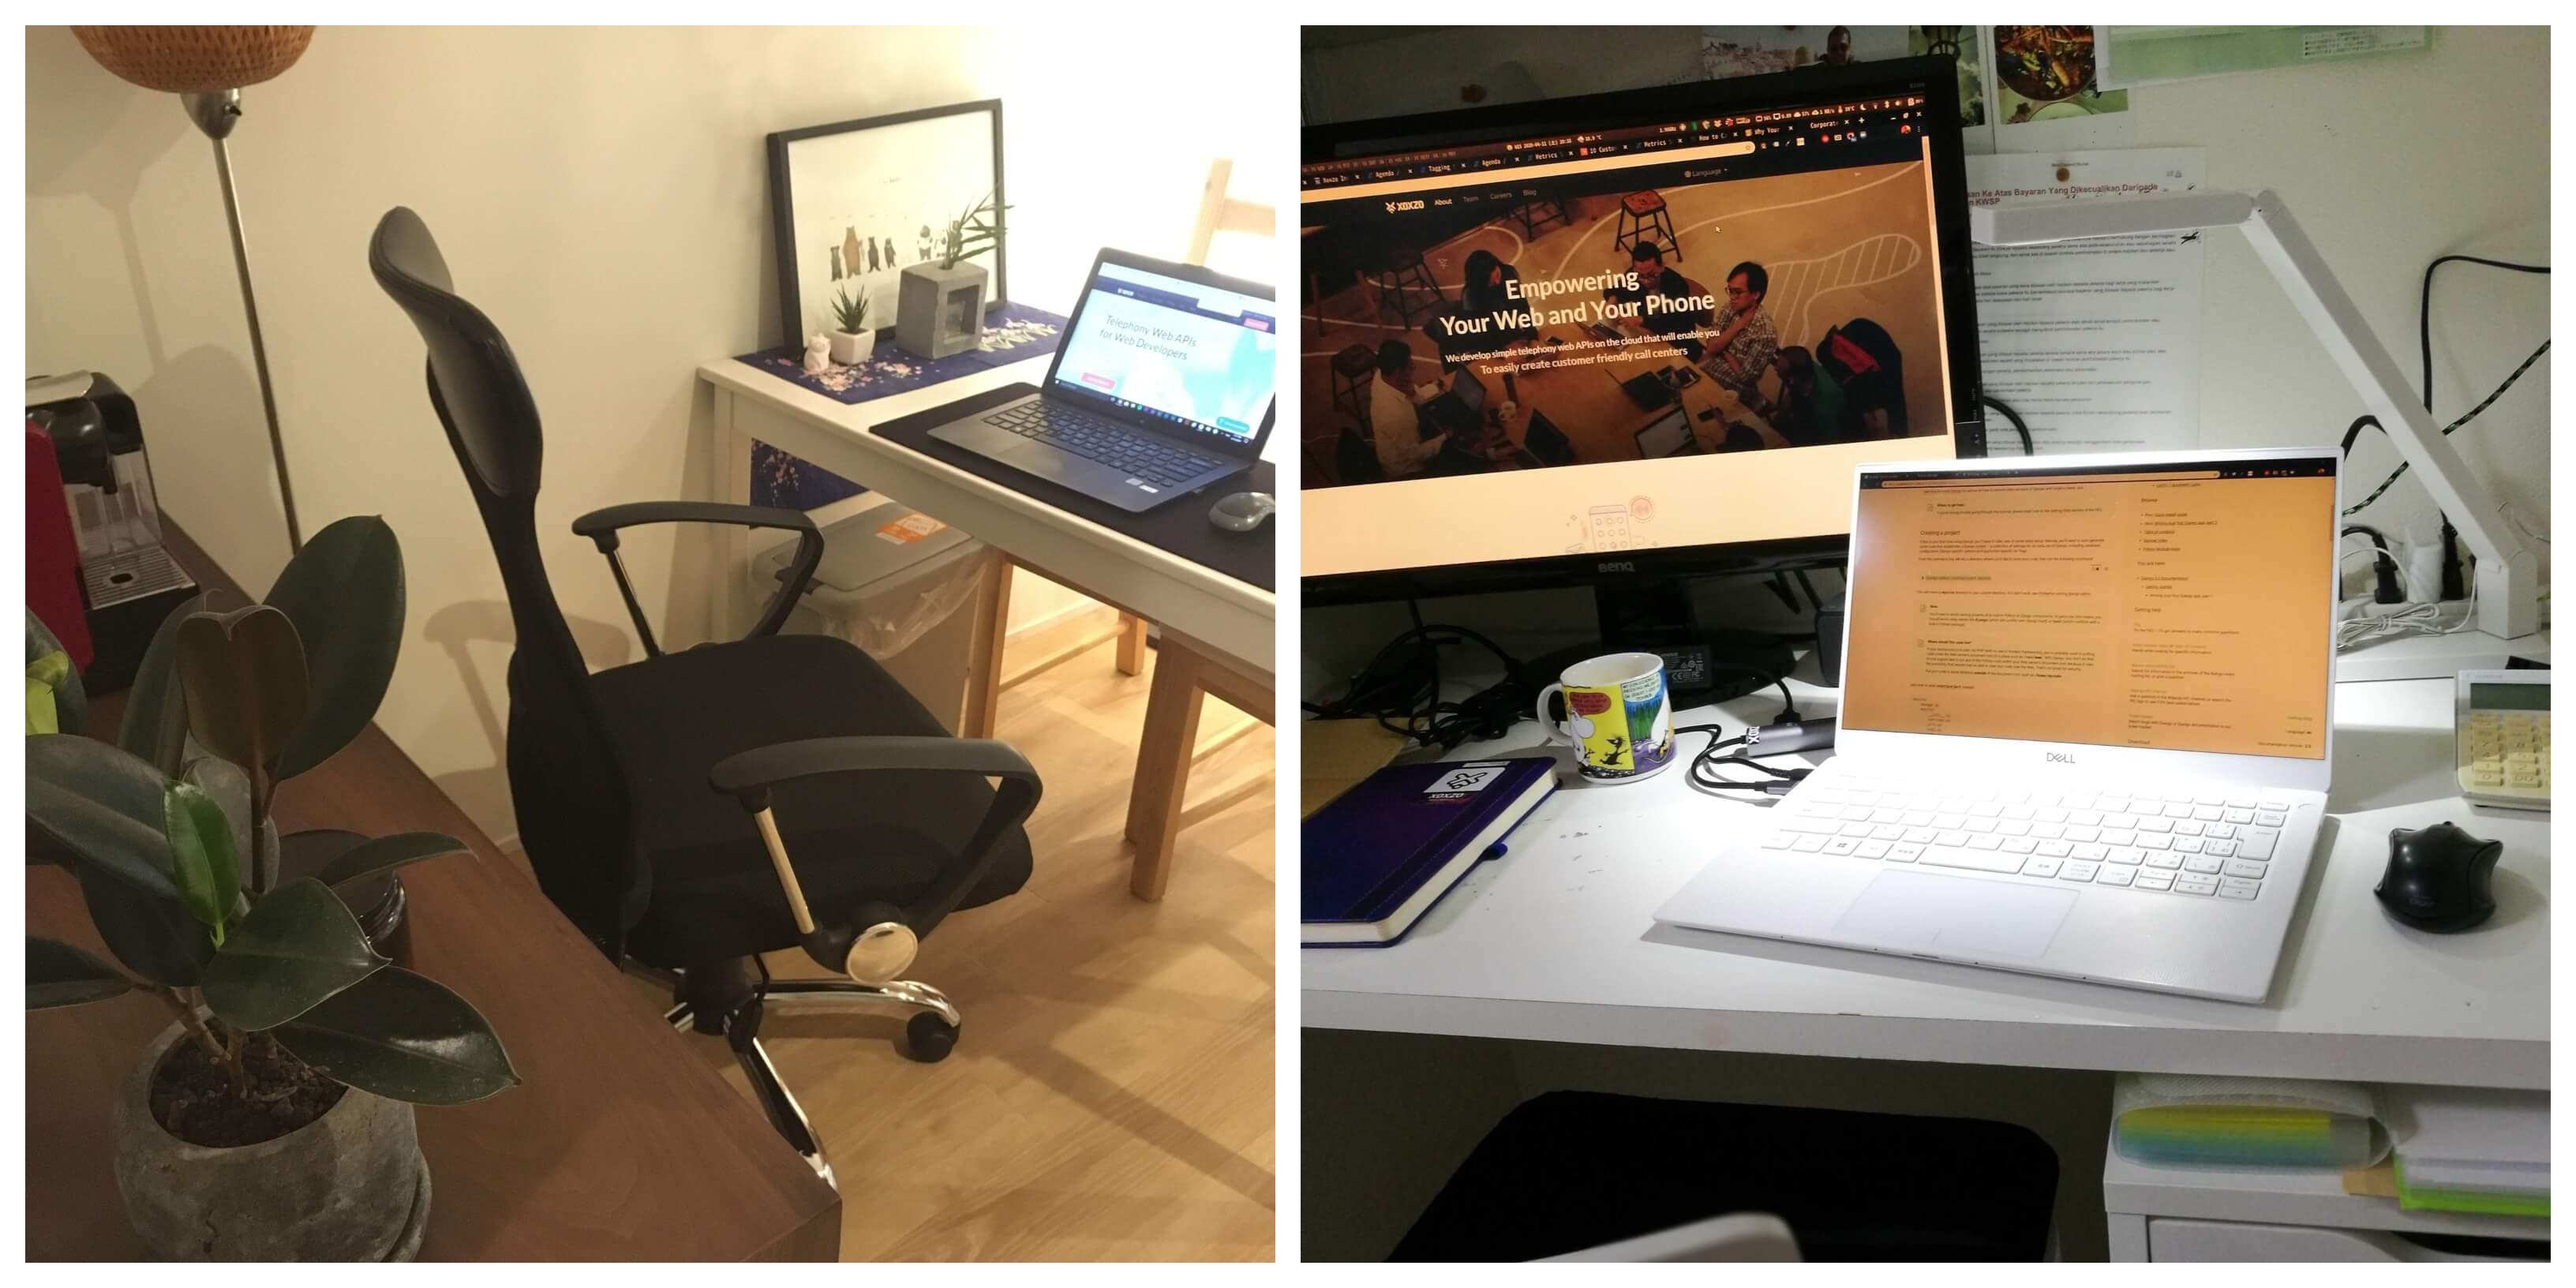 Geraldo and Iqbal's work setup